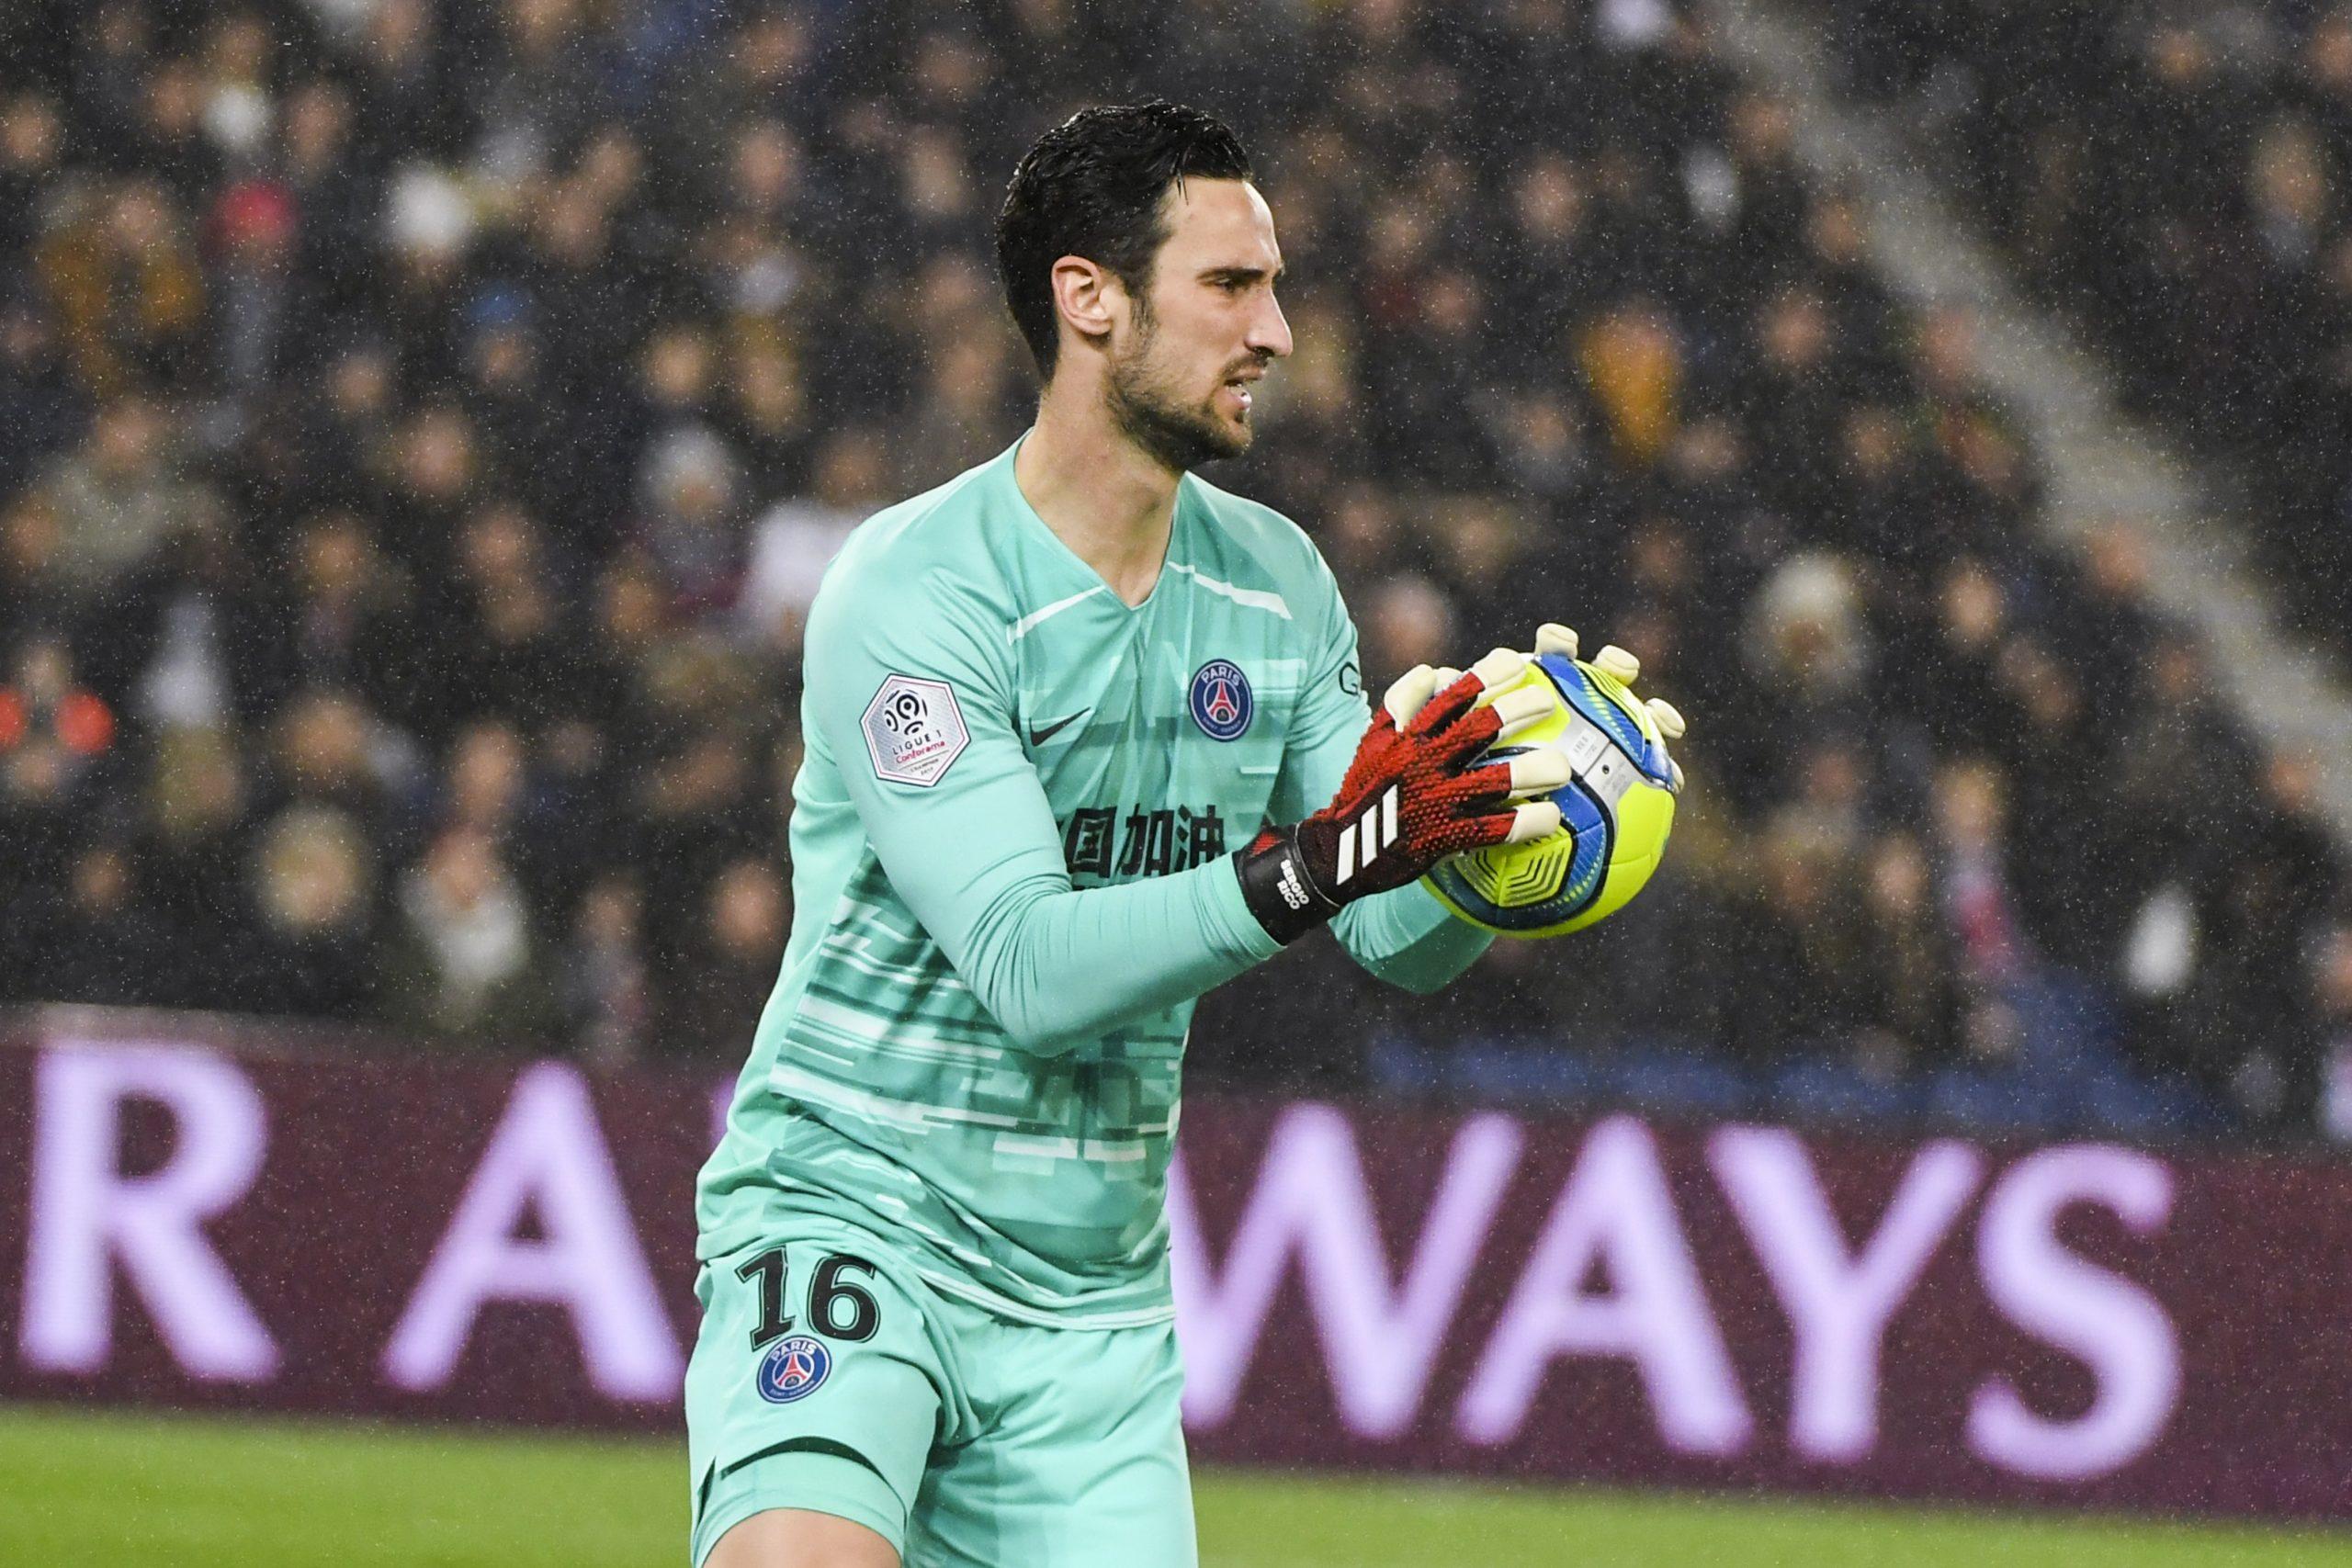 Mercato - Leicester a ciblé Sergio Rico s'il faut remplacer Schmeichel, selon le Mirror